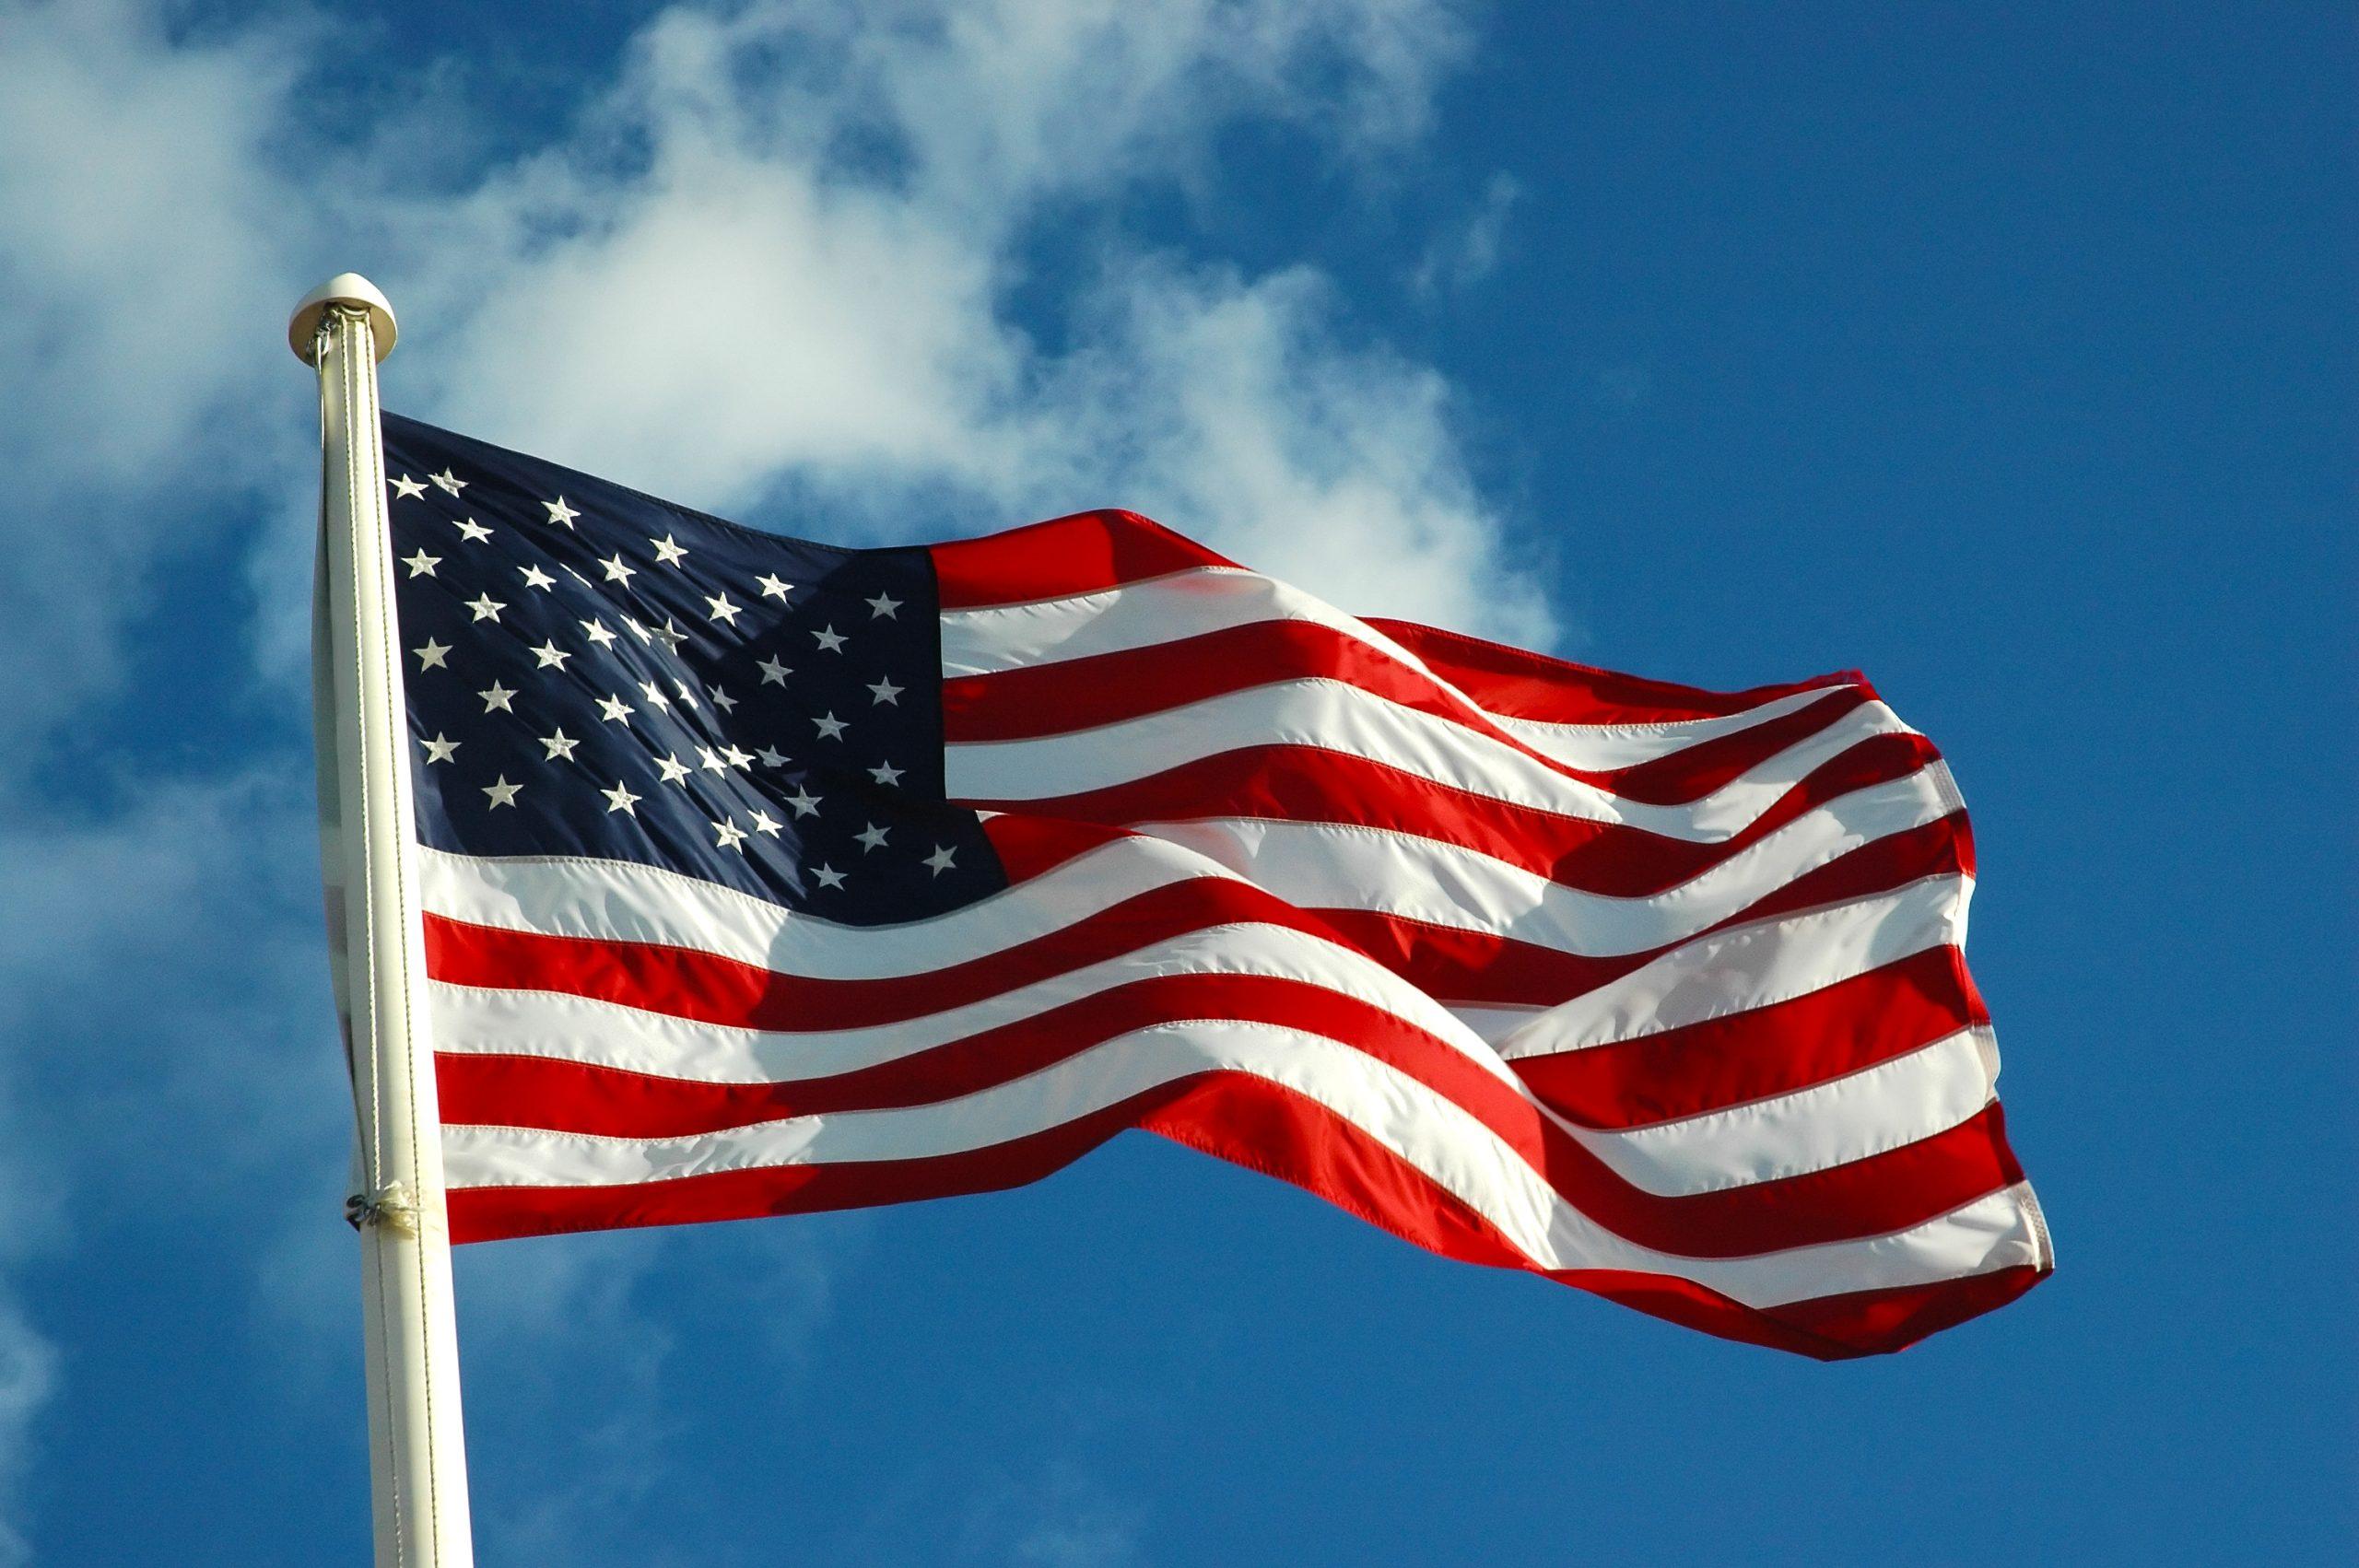 ایالات متحده scaled - بستهی حمایتی تولید ناخالص داخلی آمریکا را تا اواسط ۲۰۲۱ به بالای سطح قبل از همهگیری میرساند